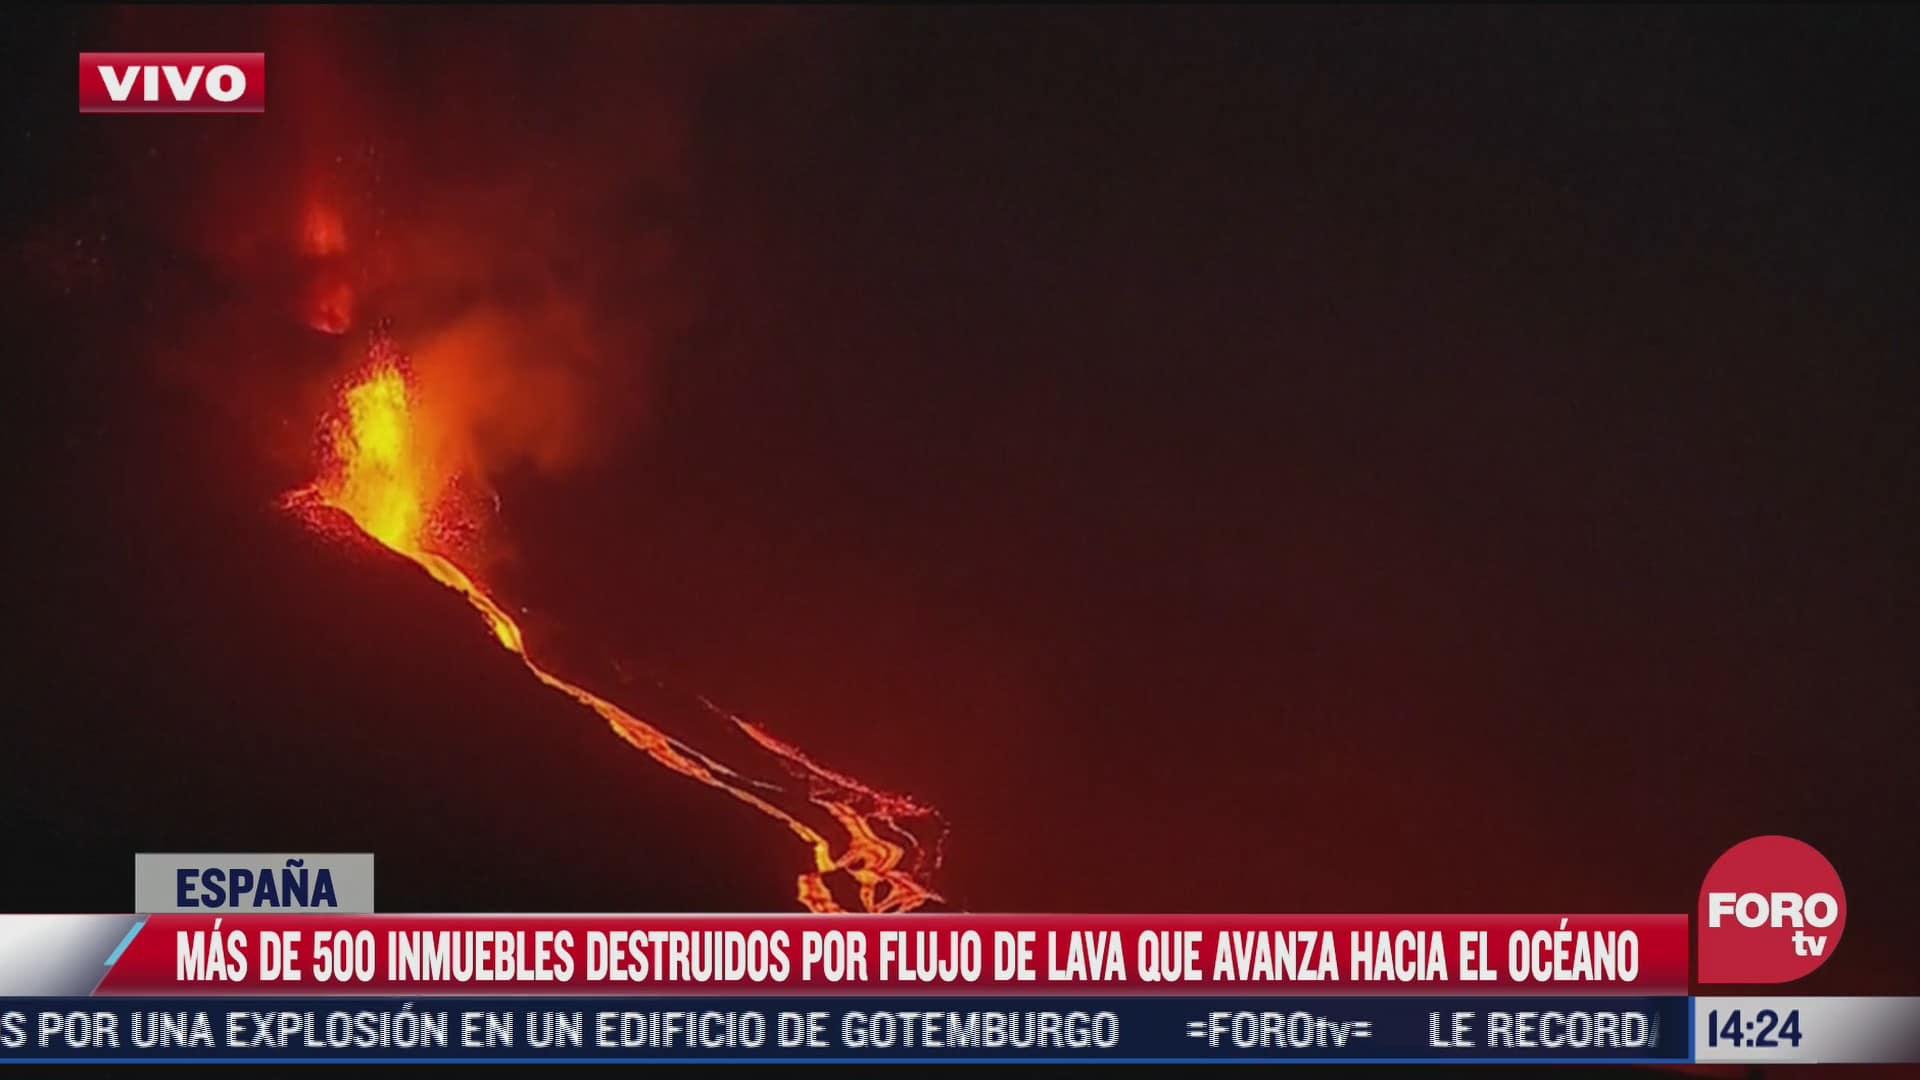 lava del volcan cumbre vieja ha destruido mas de 500 casas